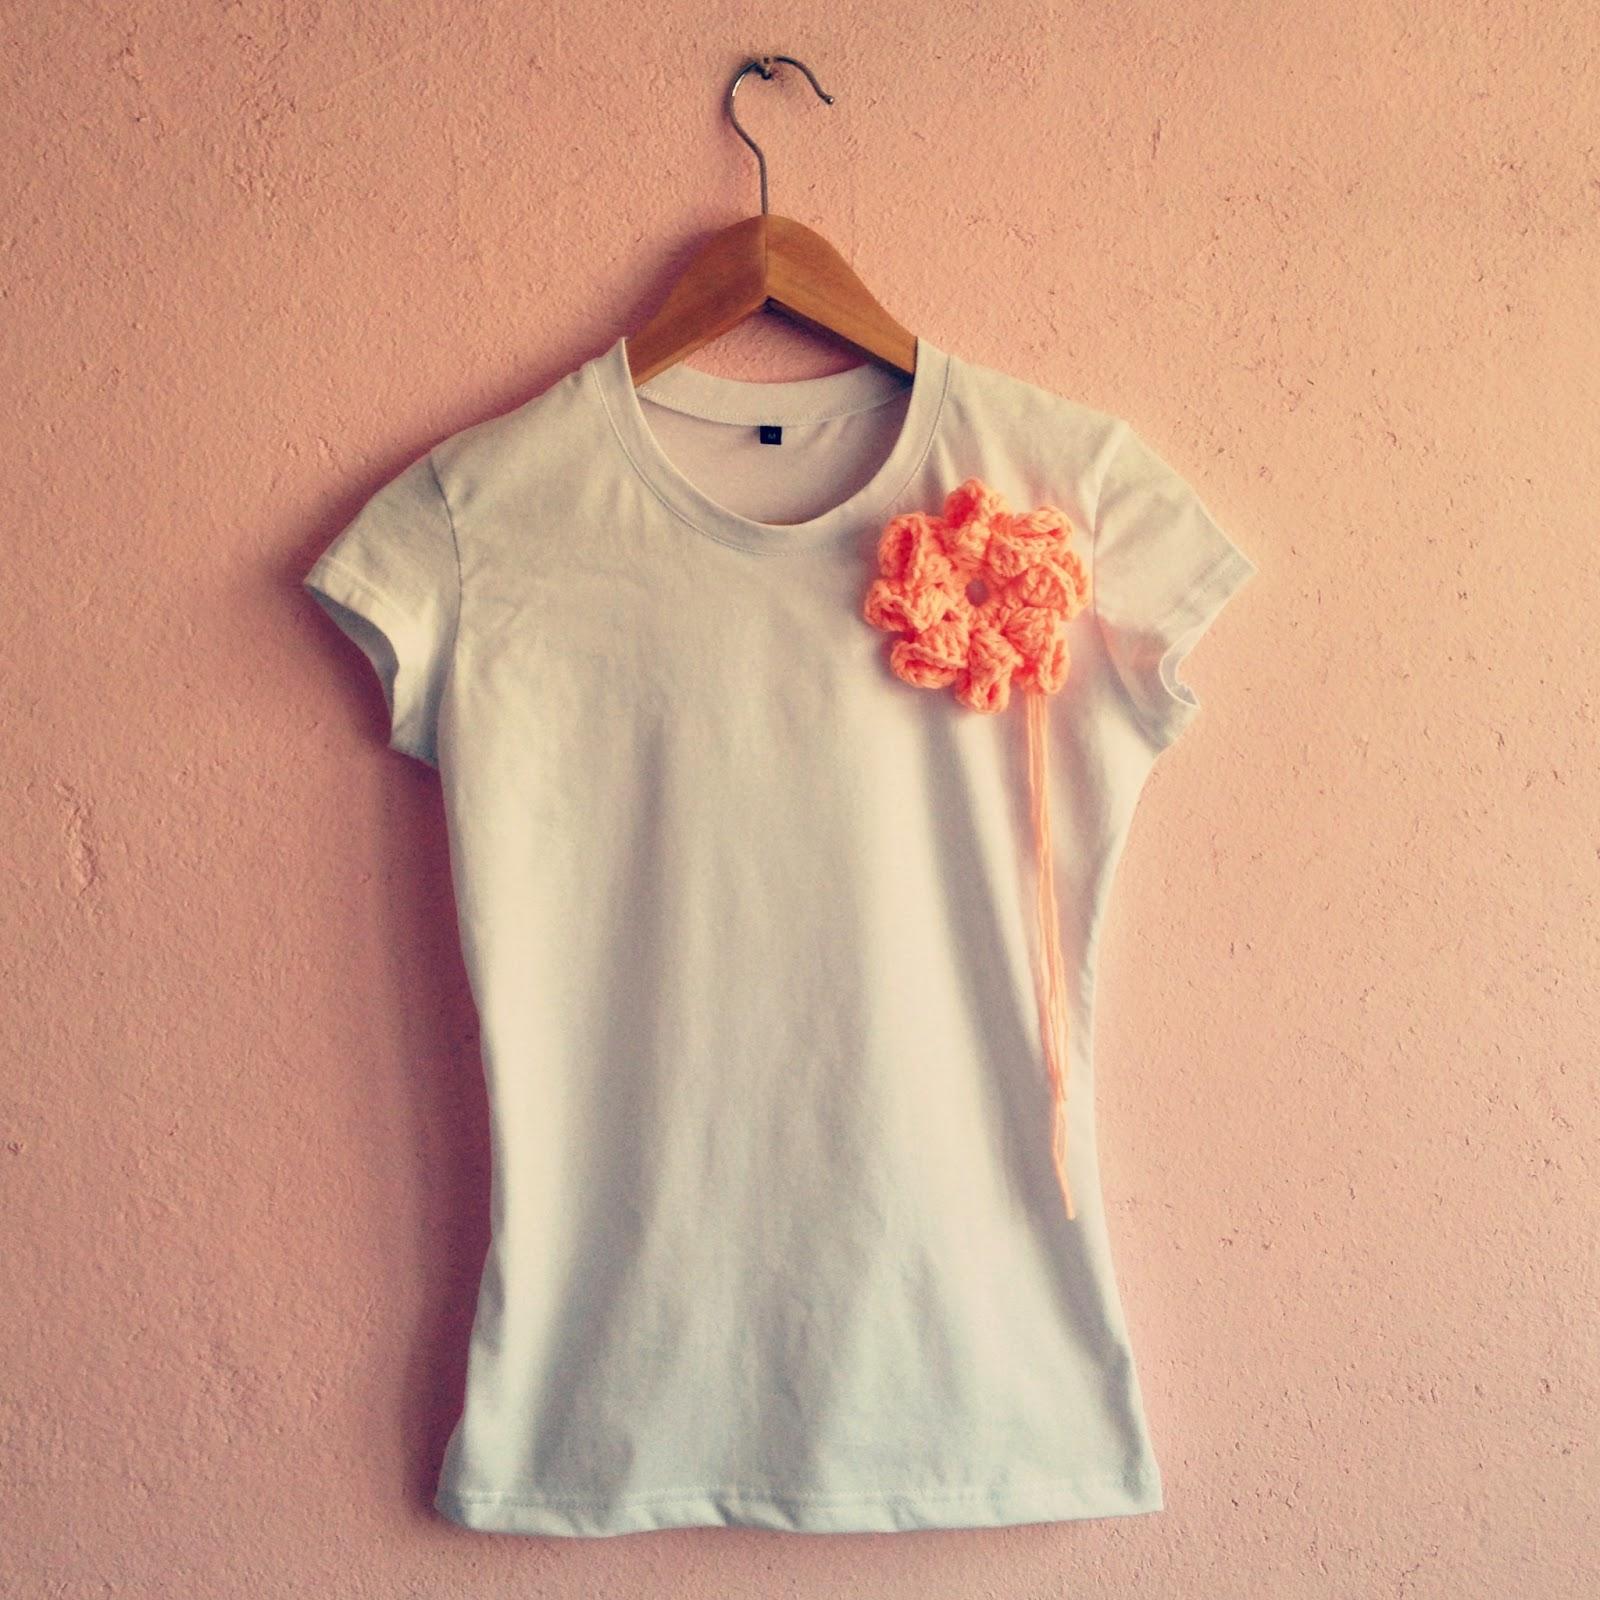 Как украсить футболку своими руками (76 фото варианты) 44